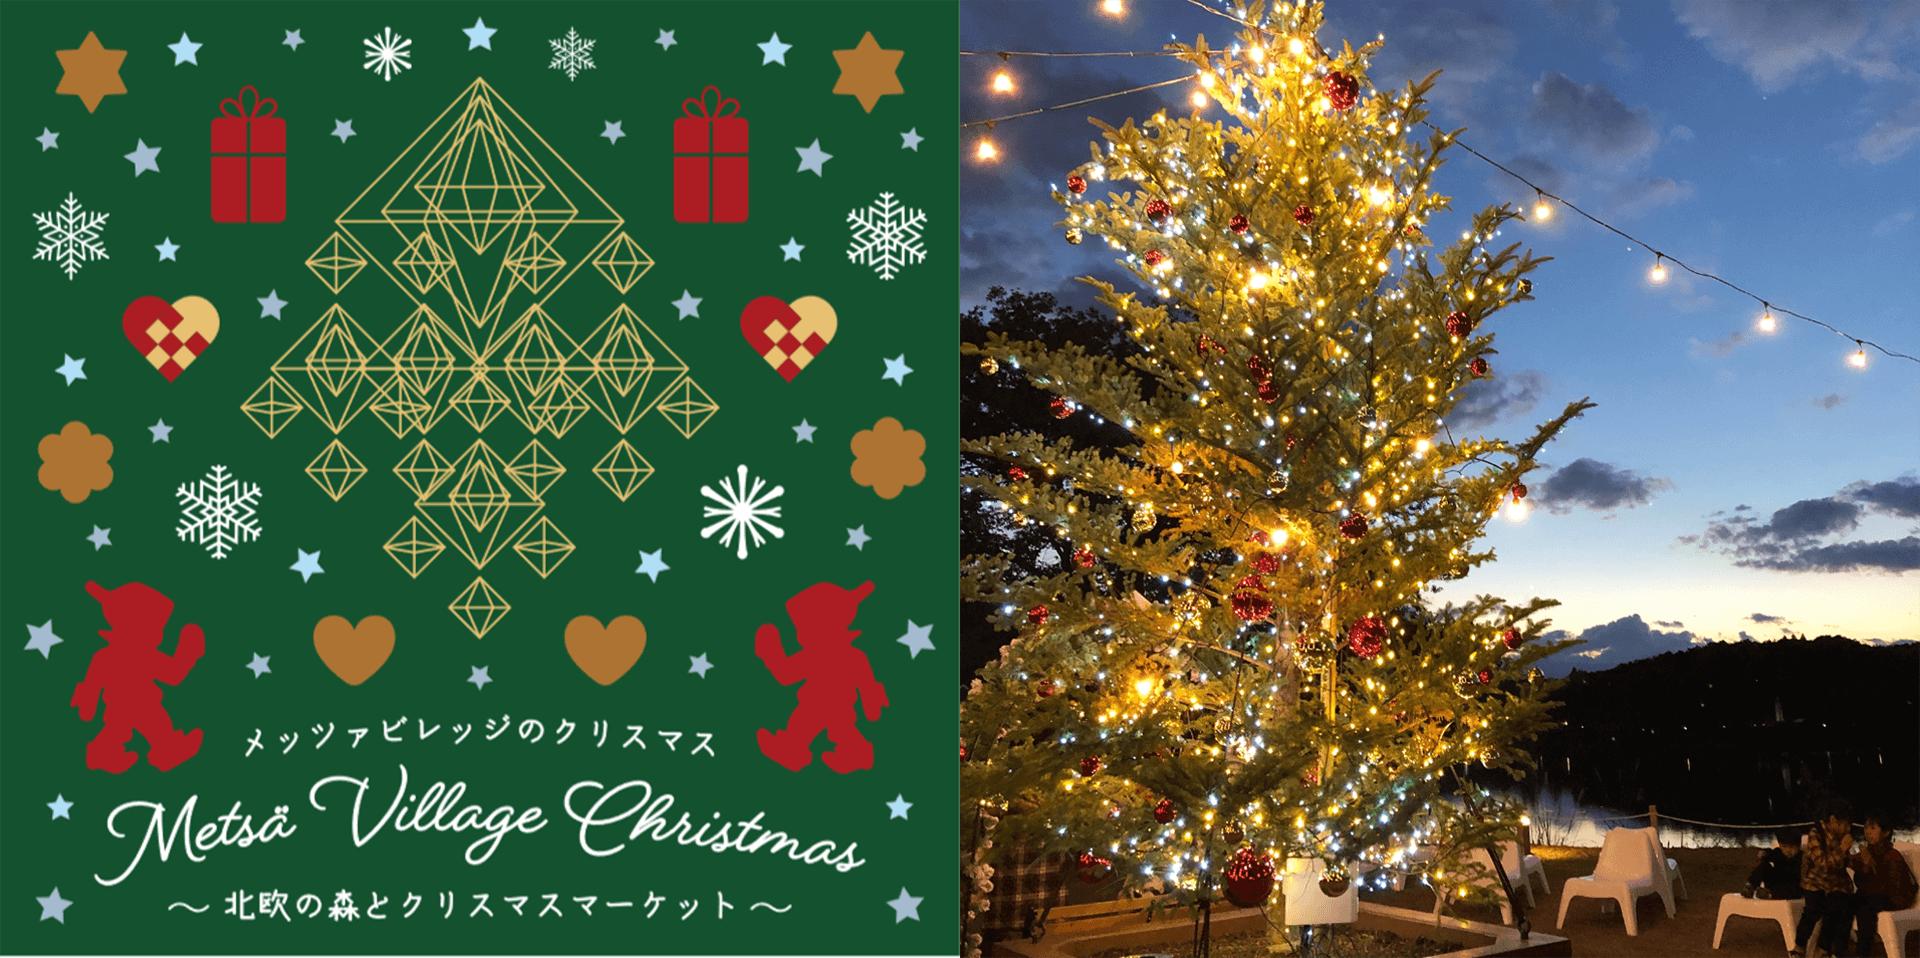 「メッツァビレッジ」のクリスマス ~北欧の森とクリスマスマーケット~ バナー